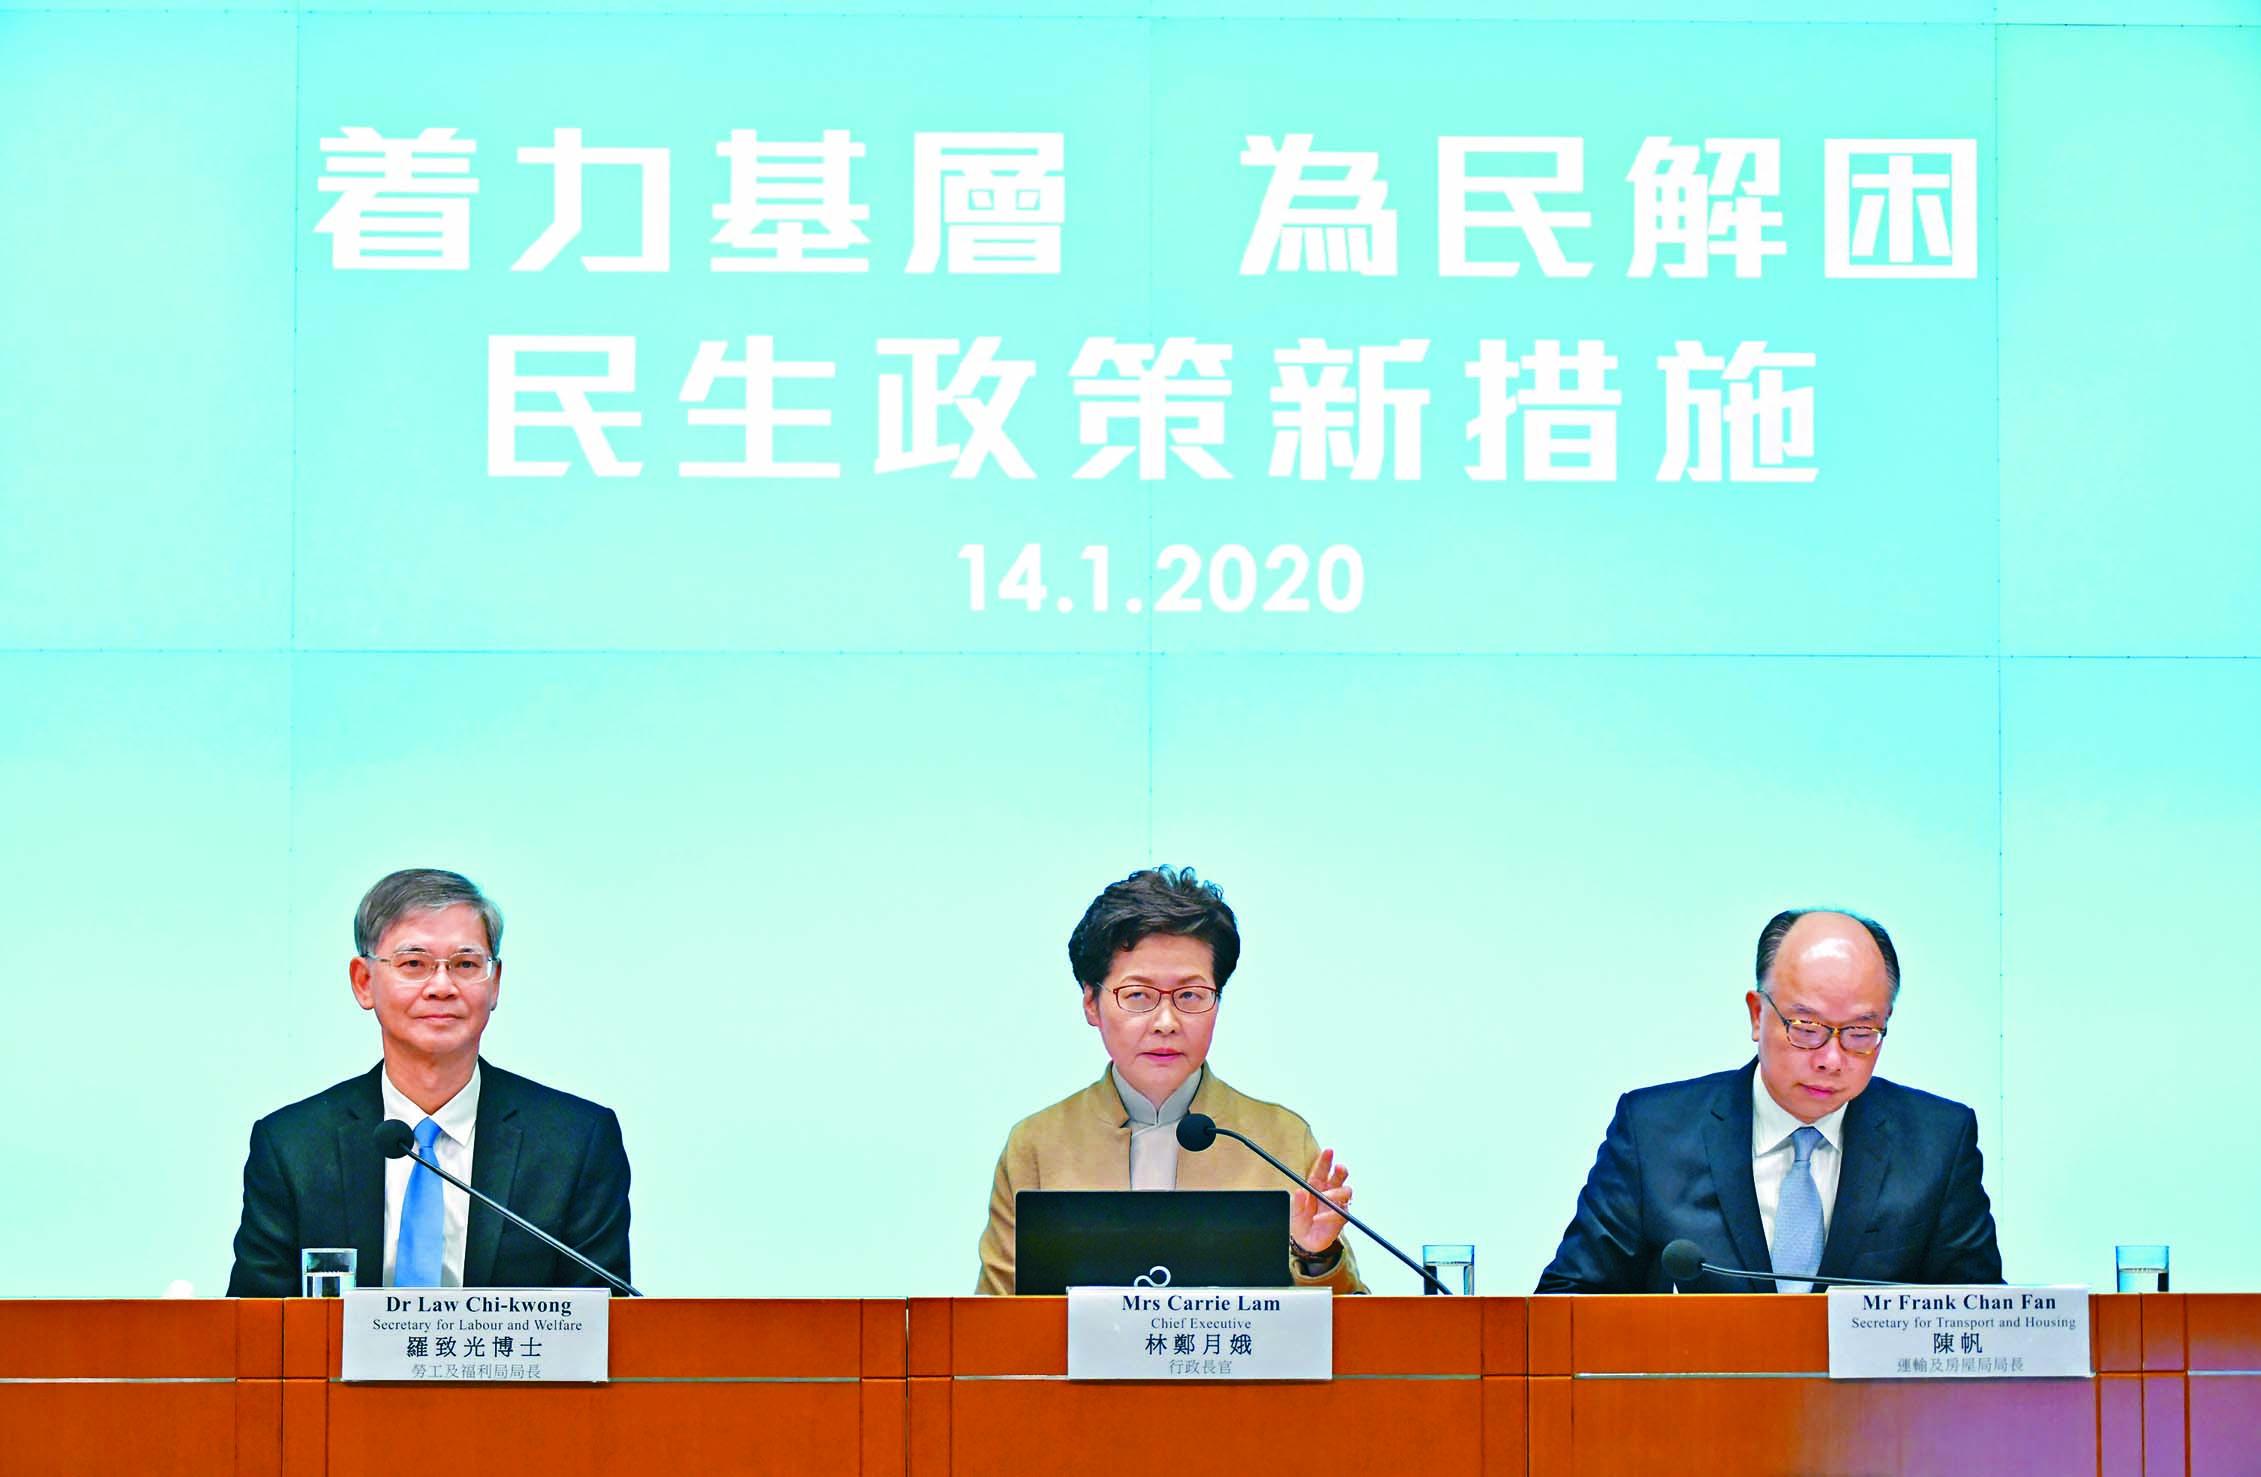 林鄭月娥(中)表示,一系列紓困措施顯示政府希望突破傳統思維。